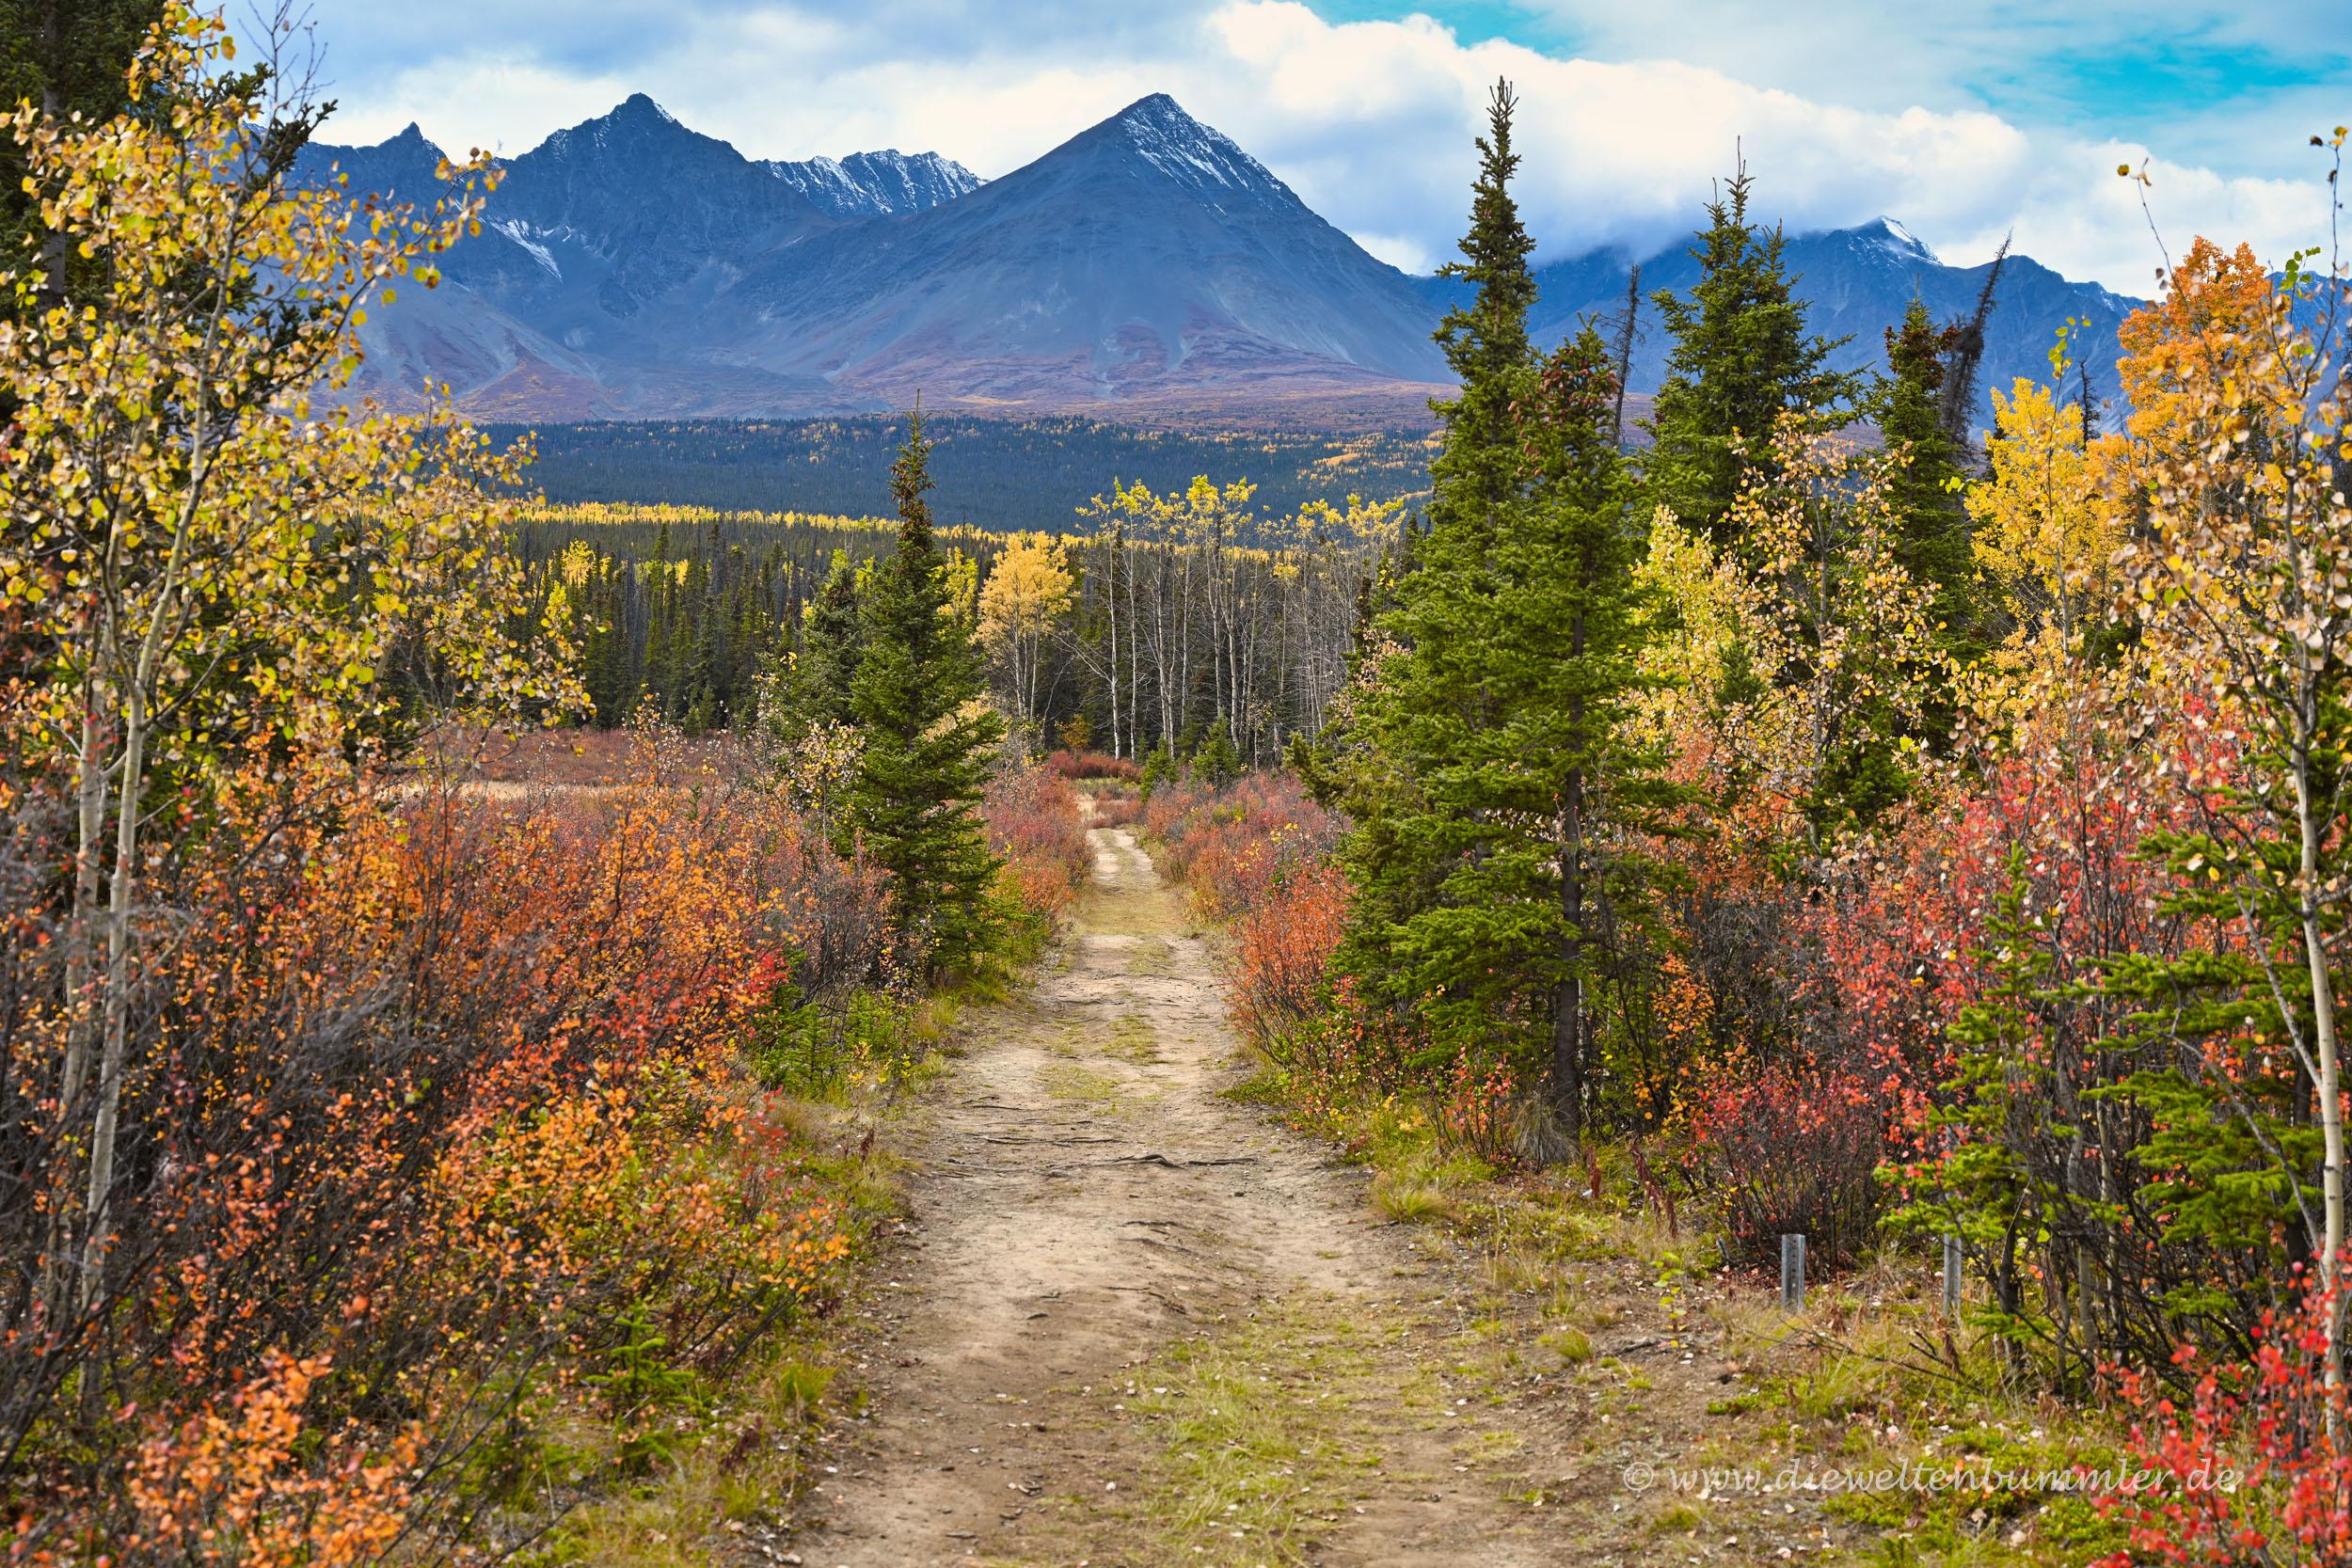 Wanderweg in die Berge